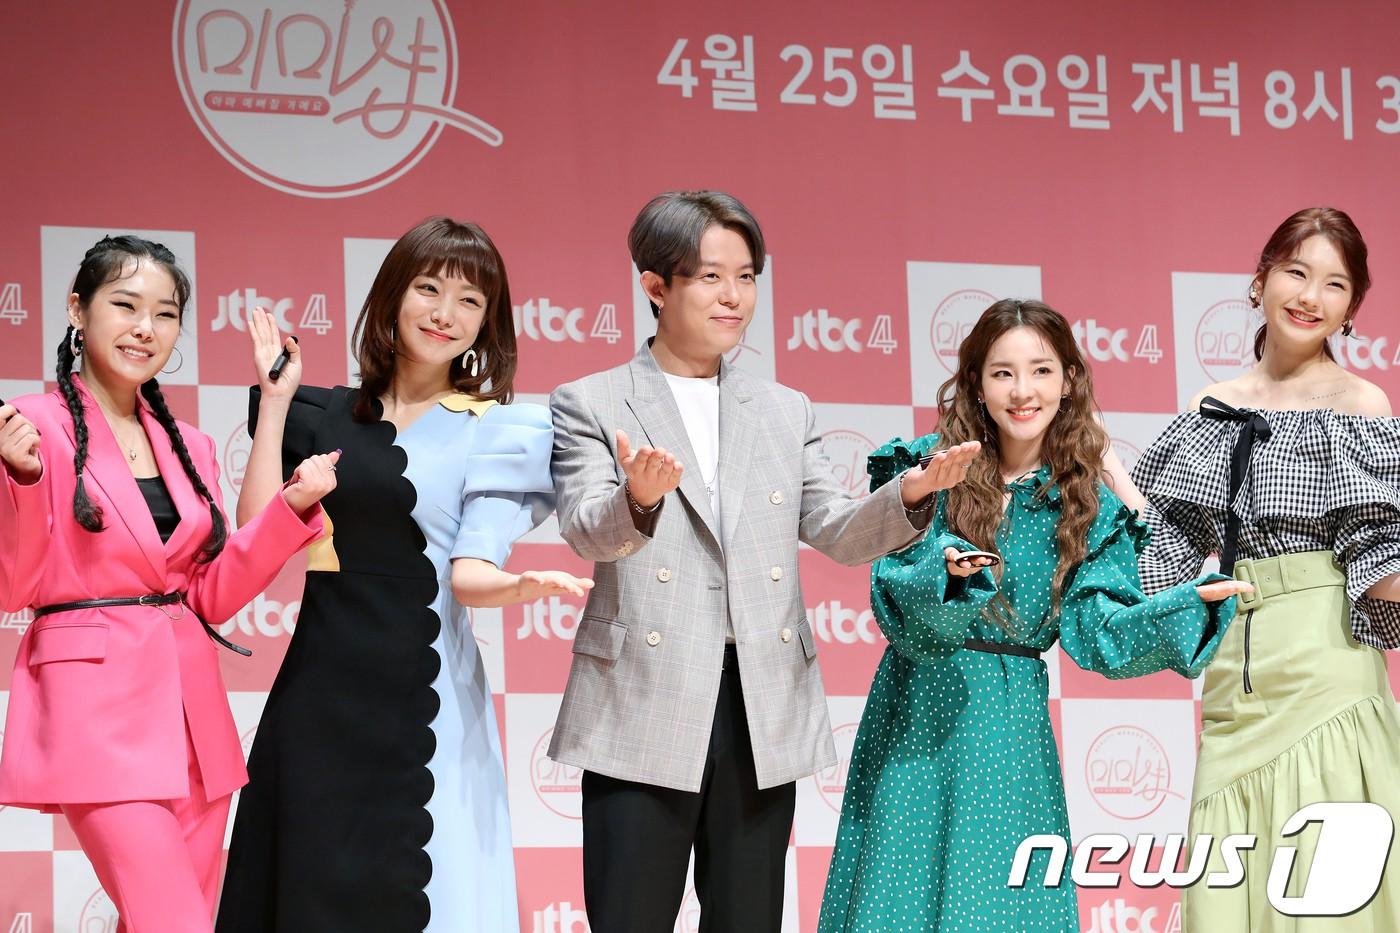 Bị hỏi về tung tích Park Bom hậu bê bối chất cấm, phản ứng của Dara đã khiến mạng xã hội dậy sóng - Ảnh 7.